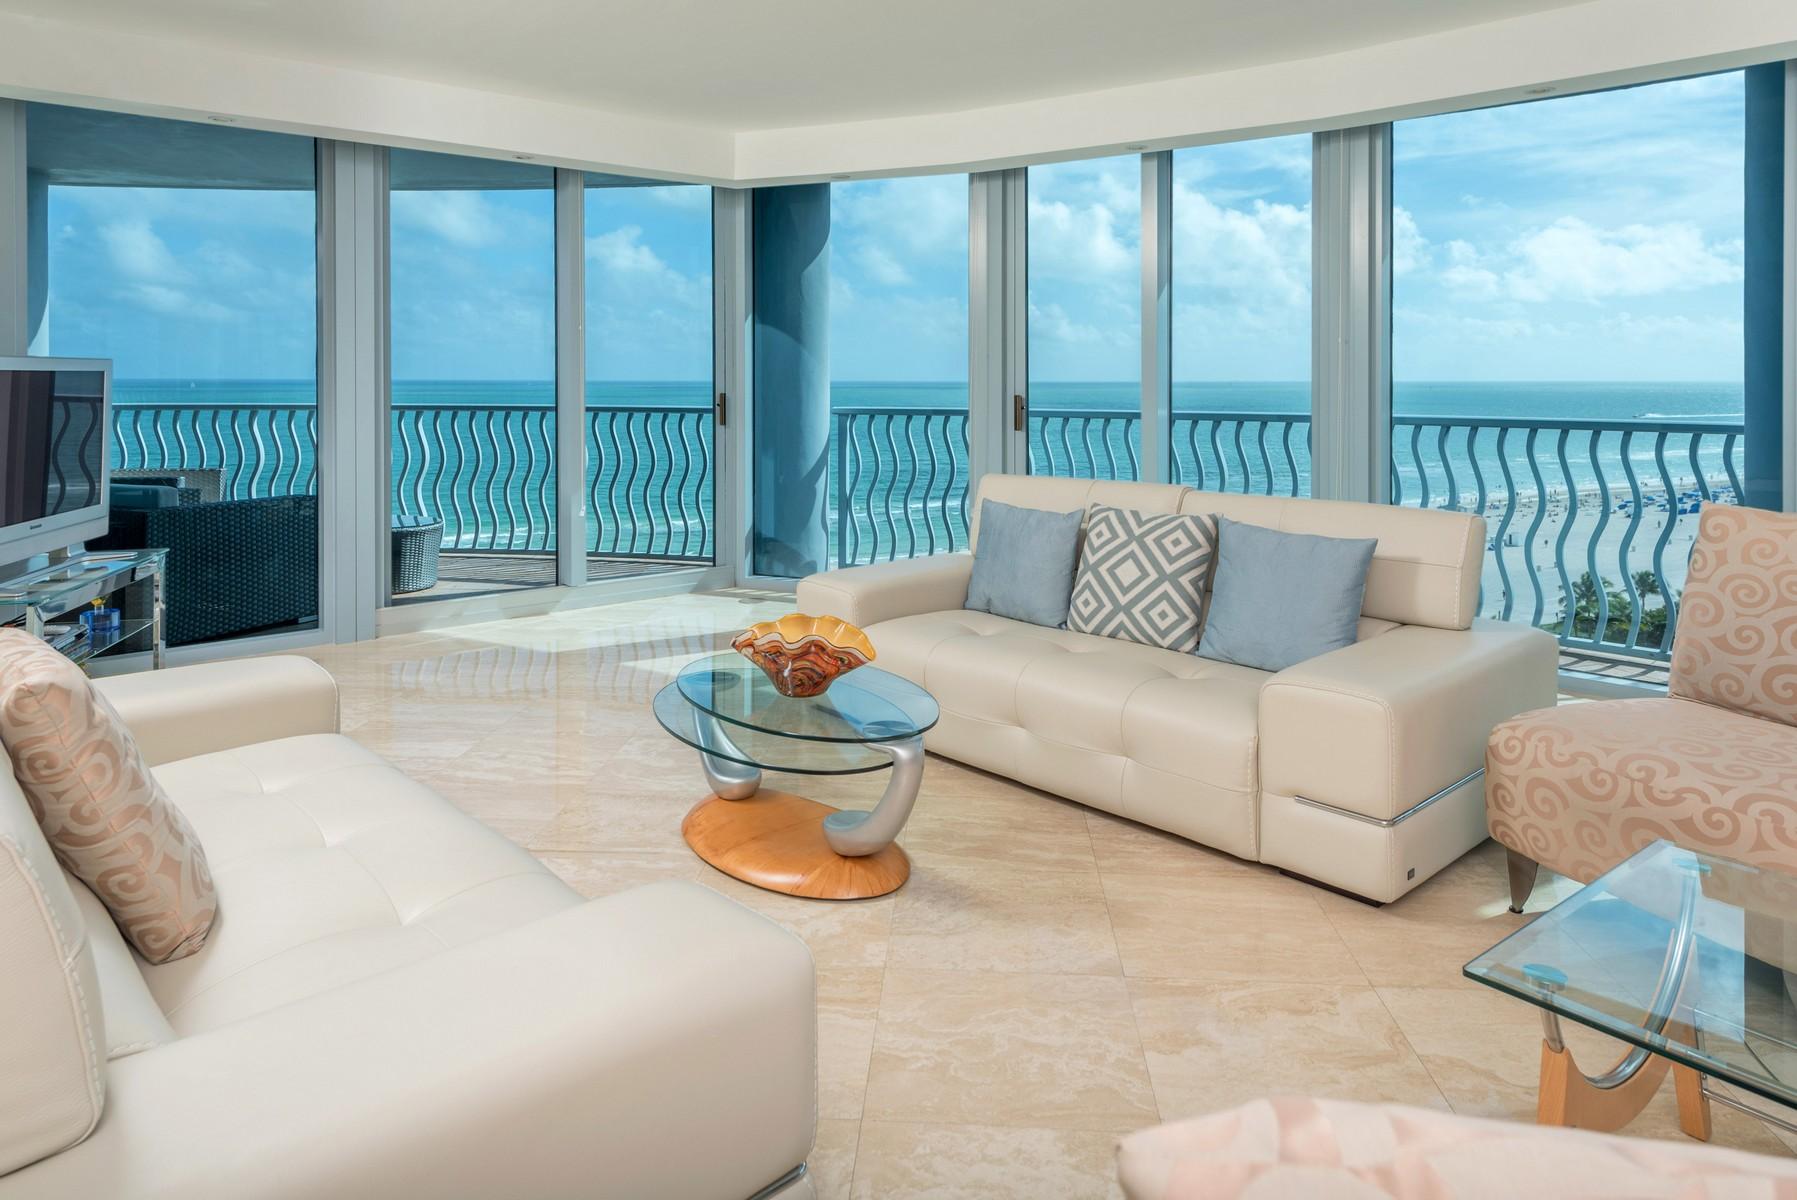 共管式独立产权公寓 为 销售 在 1500 Ocean Dr #1202 1500 Ocean Dr 1202 迈阿密海滩, 佛罗里达州, 33139 美国